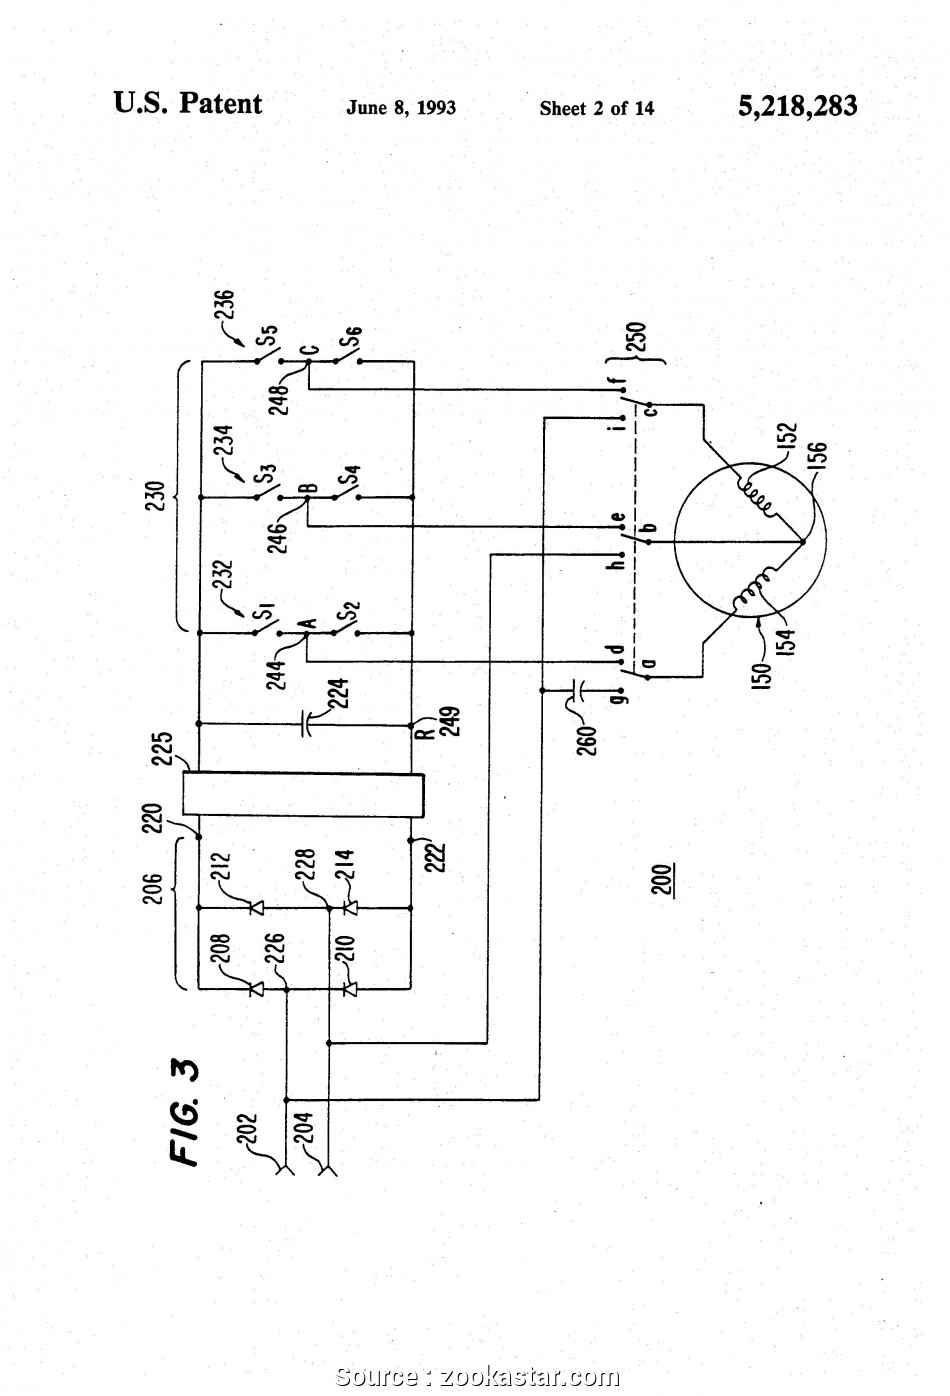 [GG_0882] Spaguts Wiring Diagram Download Diagram